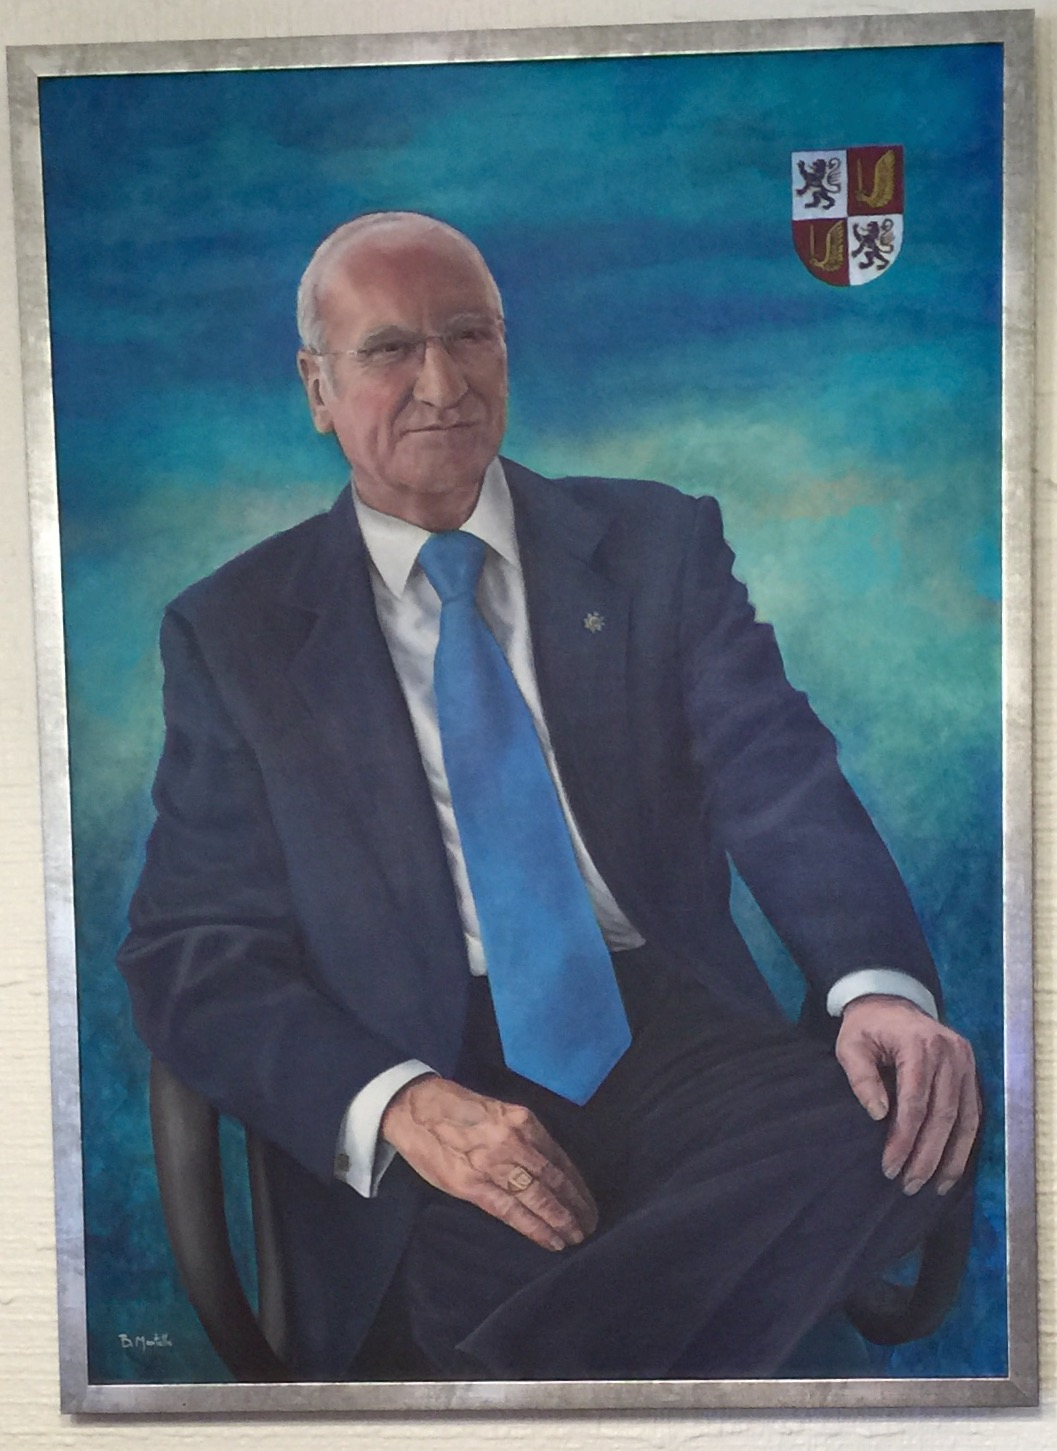 Retrato de Luis Manuel de Villena Cabeza realizado por Berta de Montells en julio 2015